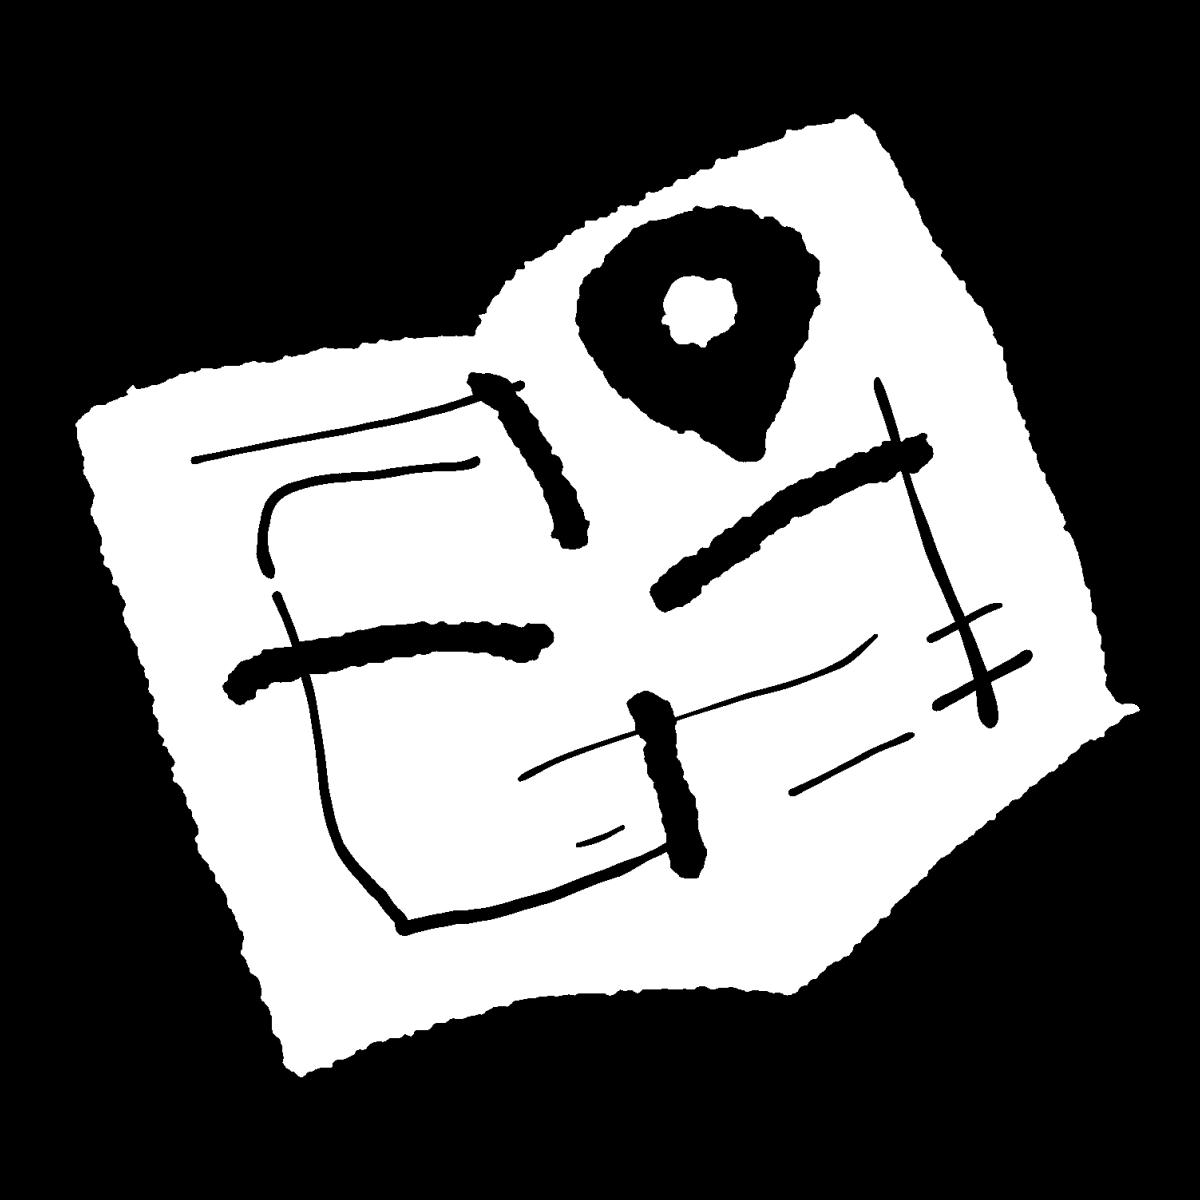 開いた地図のイラスト / Open Map Illustration